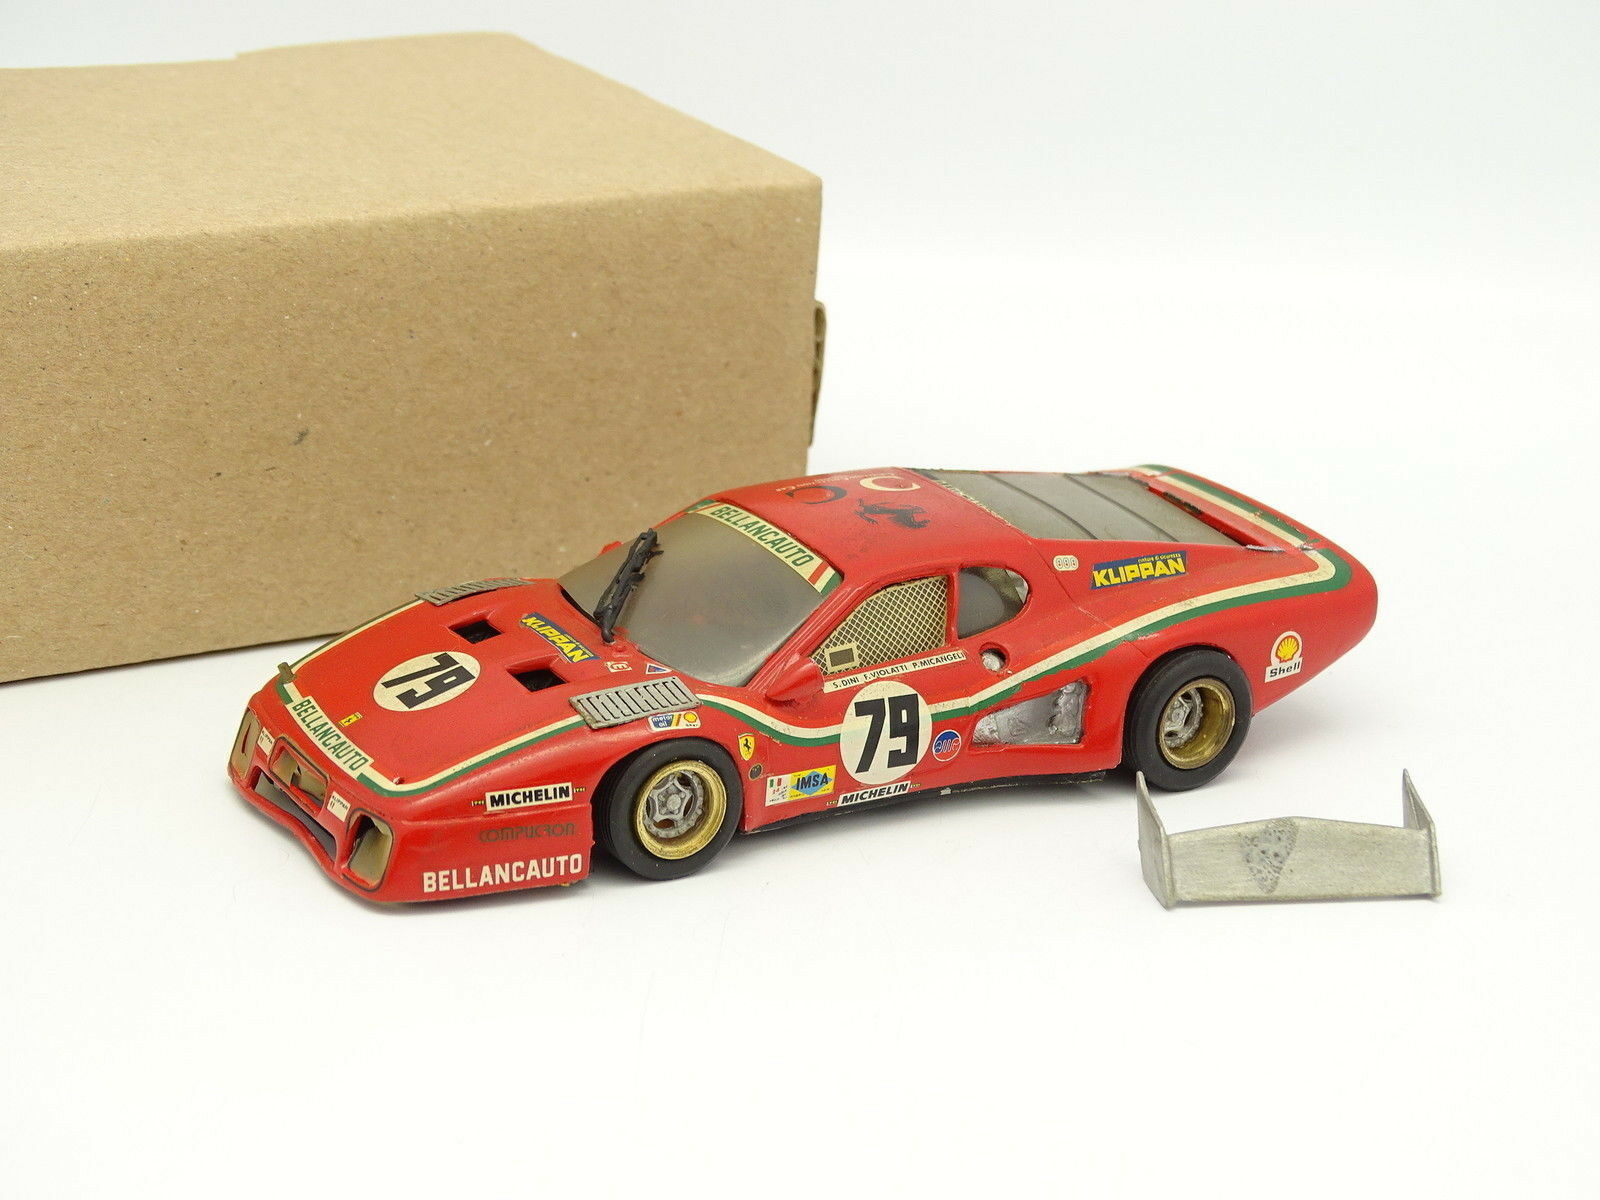 AMR Kit Monté Métal 1/43 - Ferrari 512 BB Bellancauto Le Mans 1980 N°79